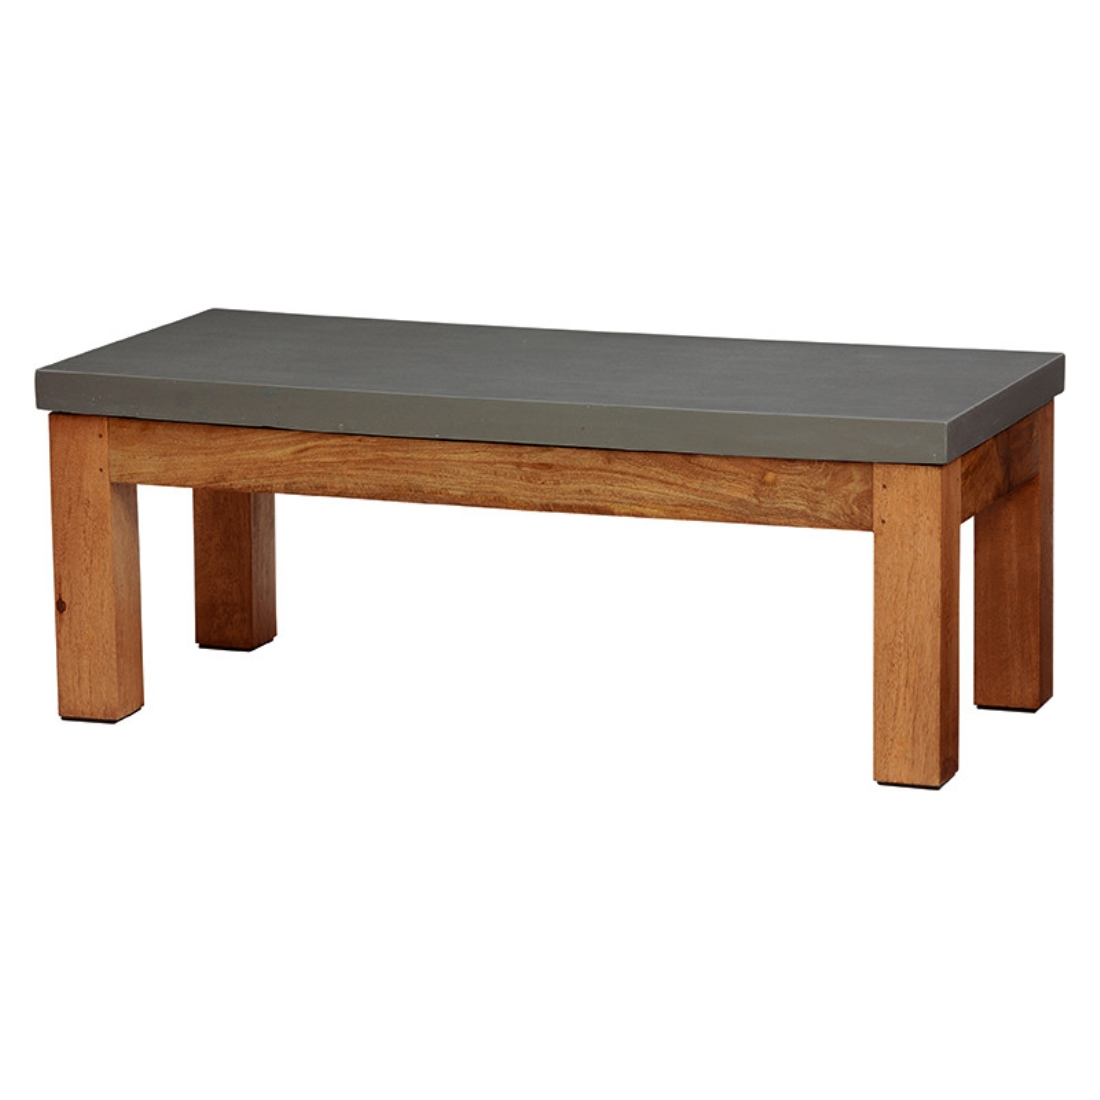 【最安値挑戦】 【送料無料】おしゃれ家具 ローテーブル 幅110×奥行50×高さ41cm 机 テーブル, ATI.Shop 10bdb190